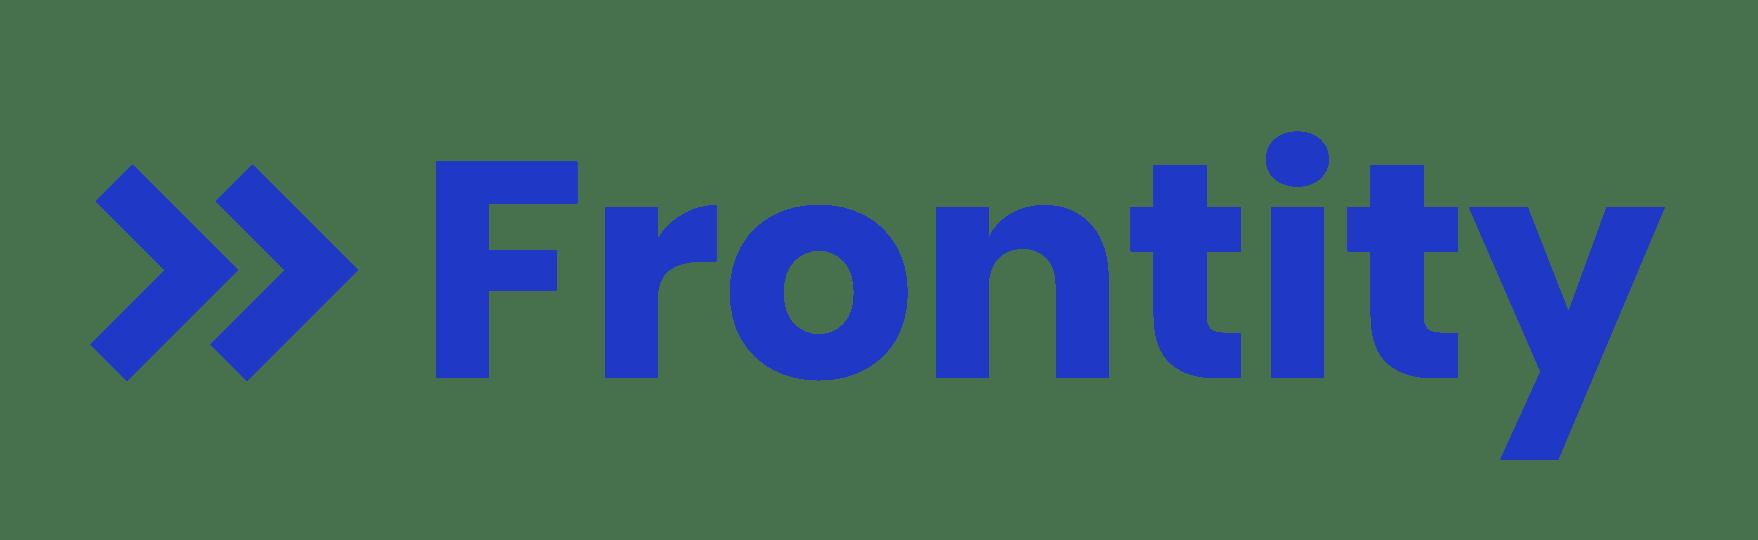 El manchego David Carrero invierte con Automattic, creadores de WordPress.com, en la plataforma Frontity 5